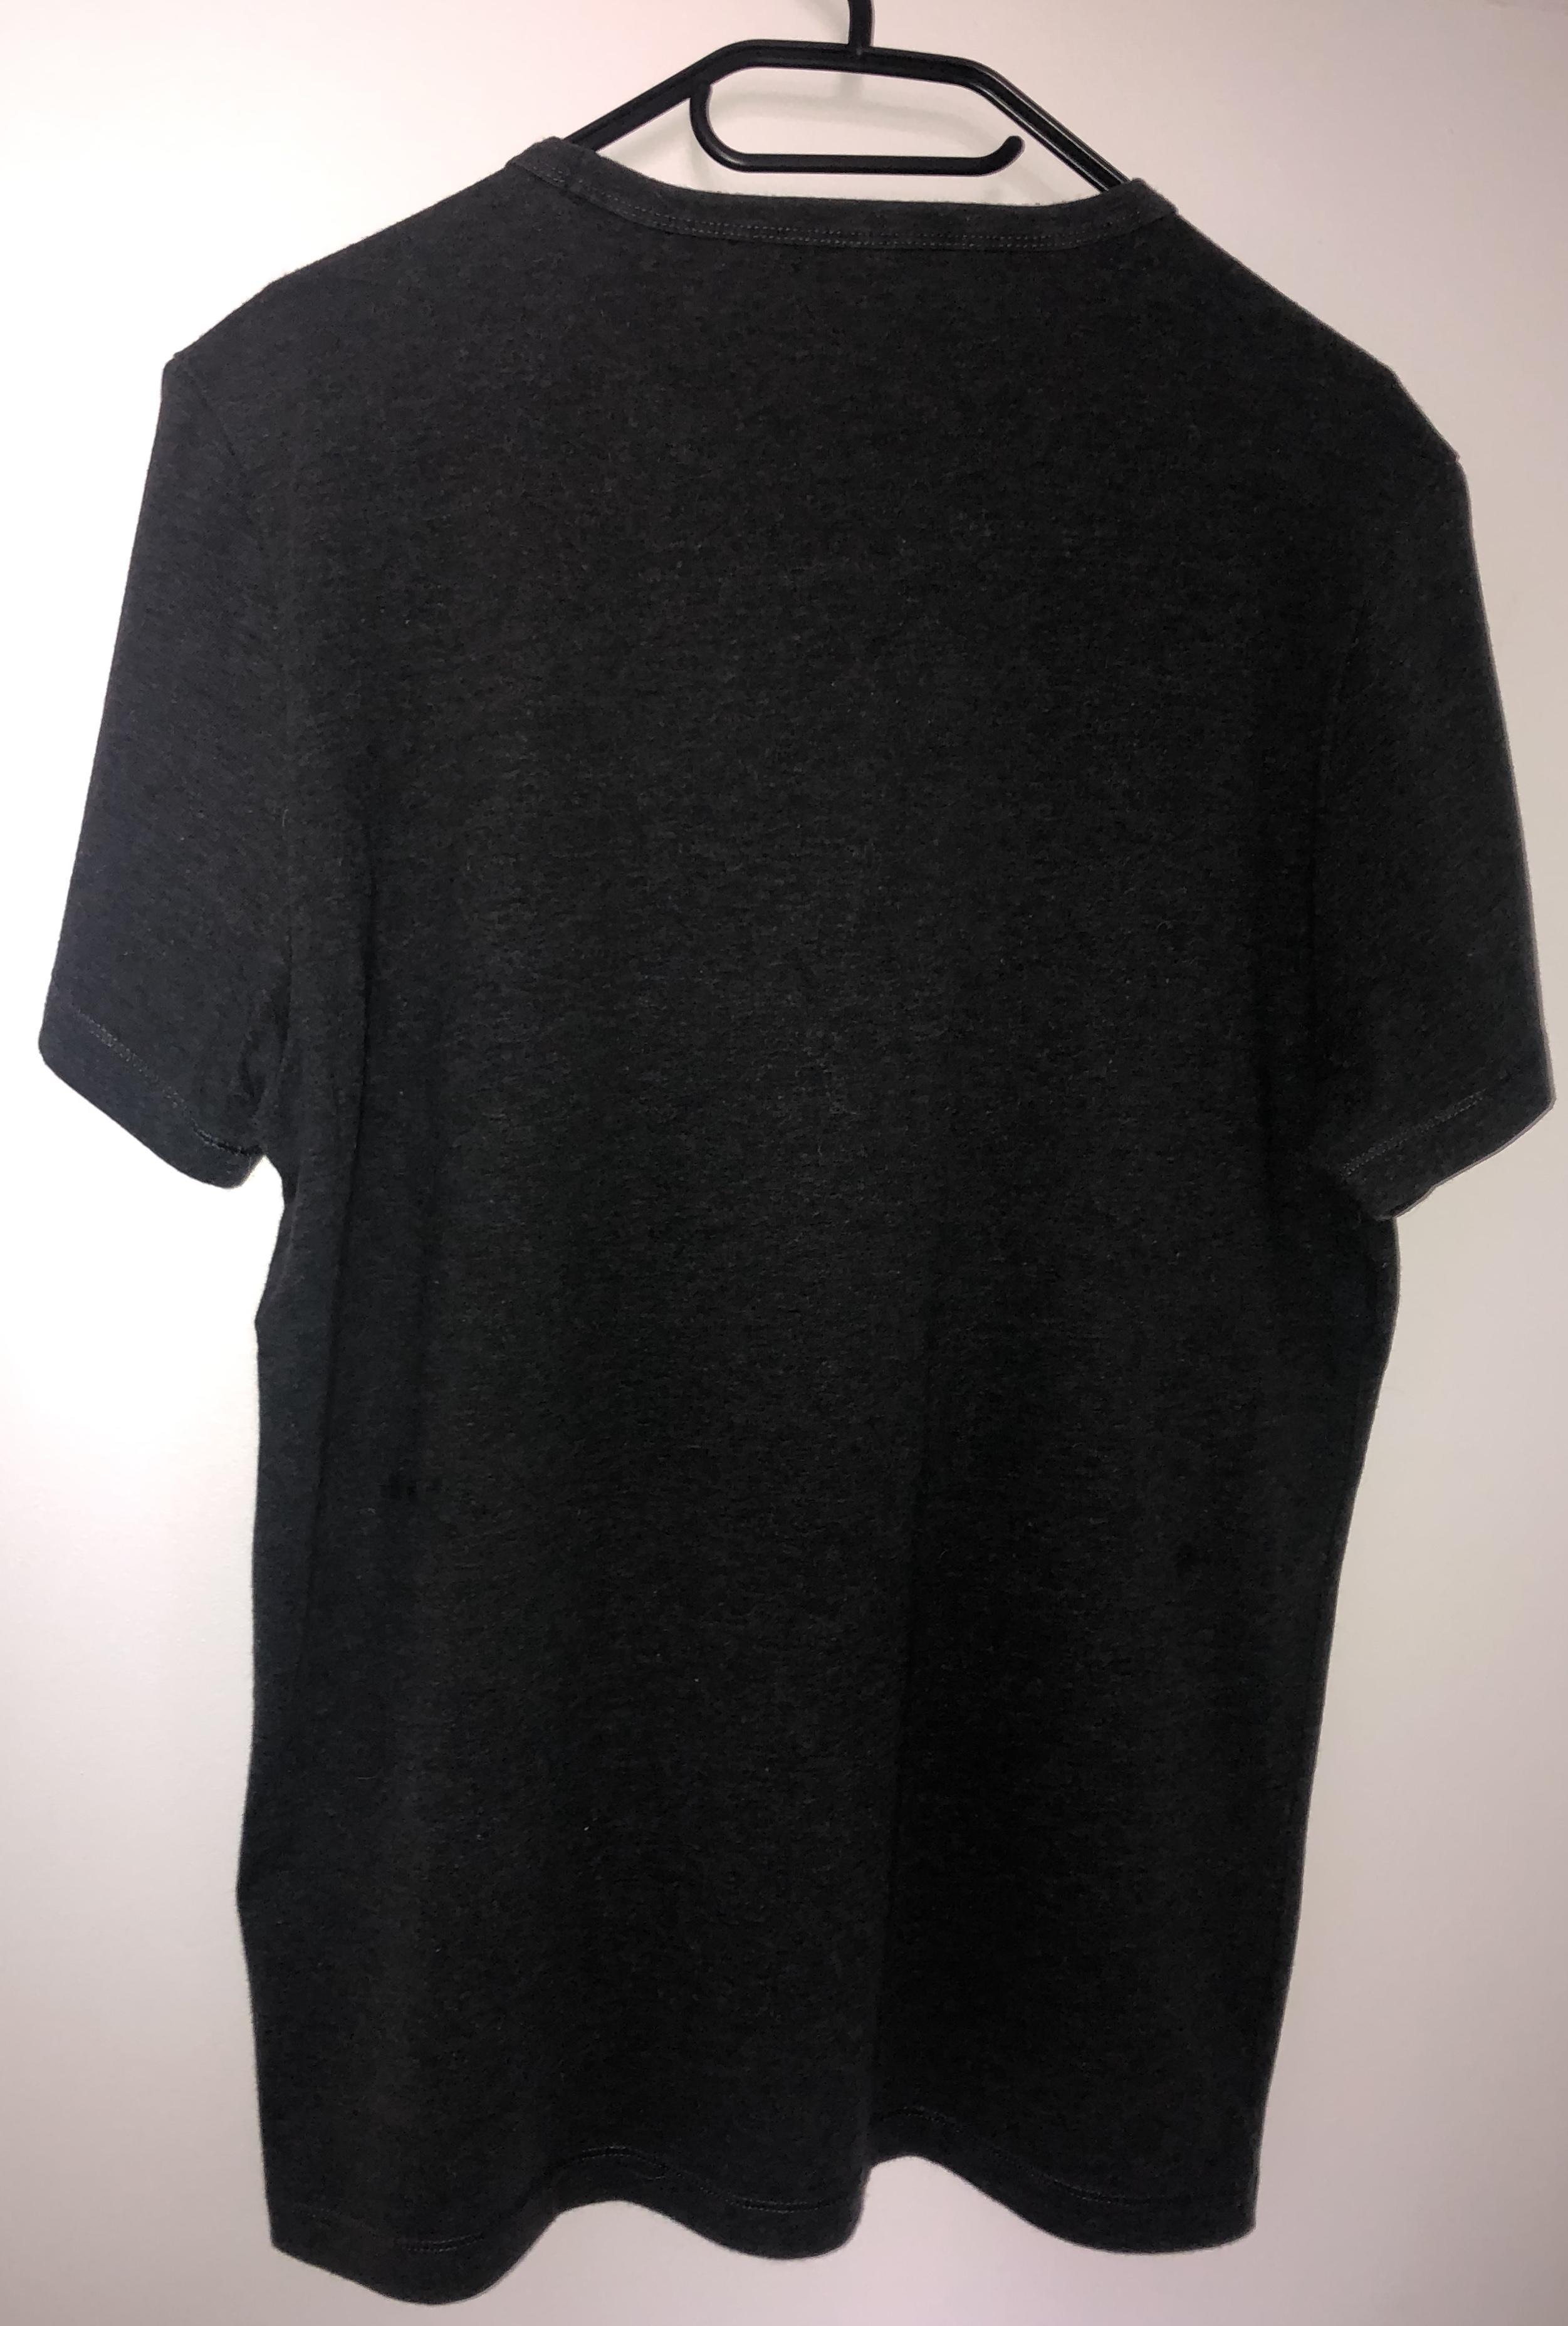 troc de troc tee-shirts décathlon image 1